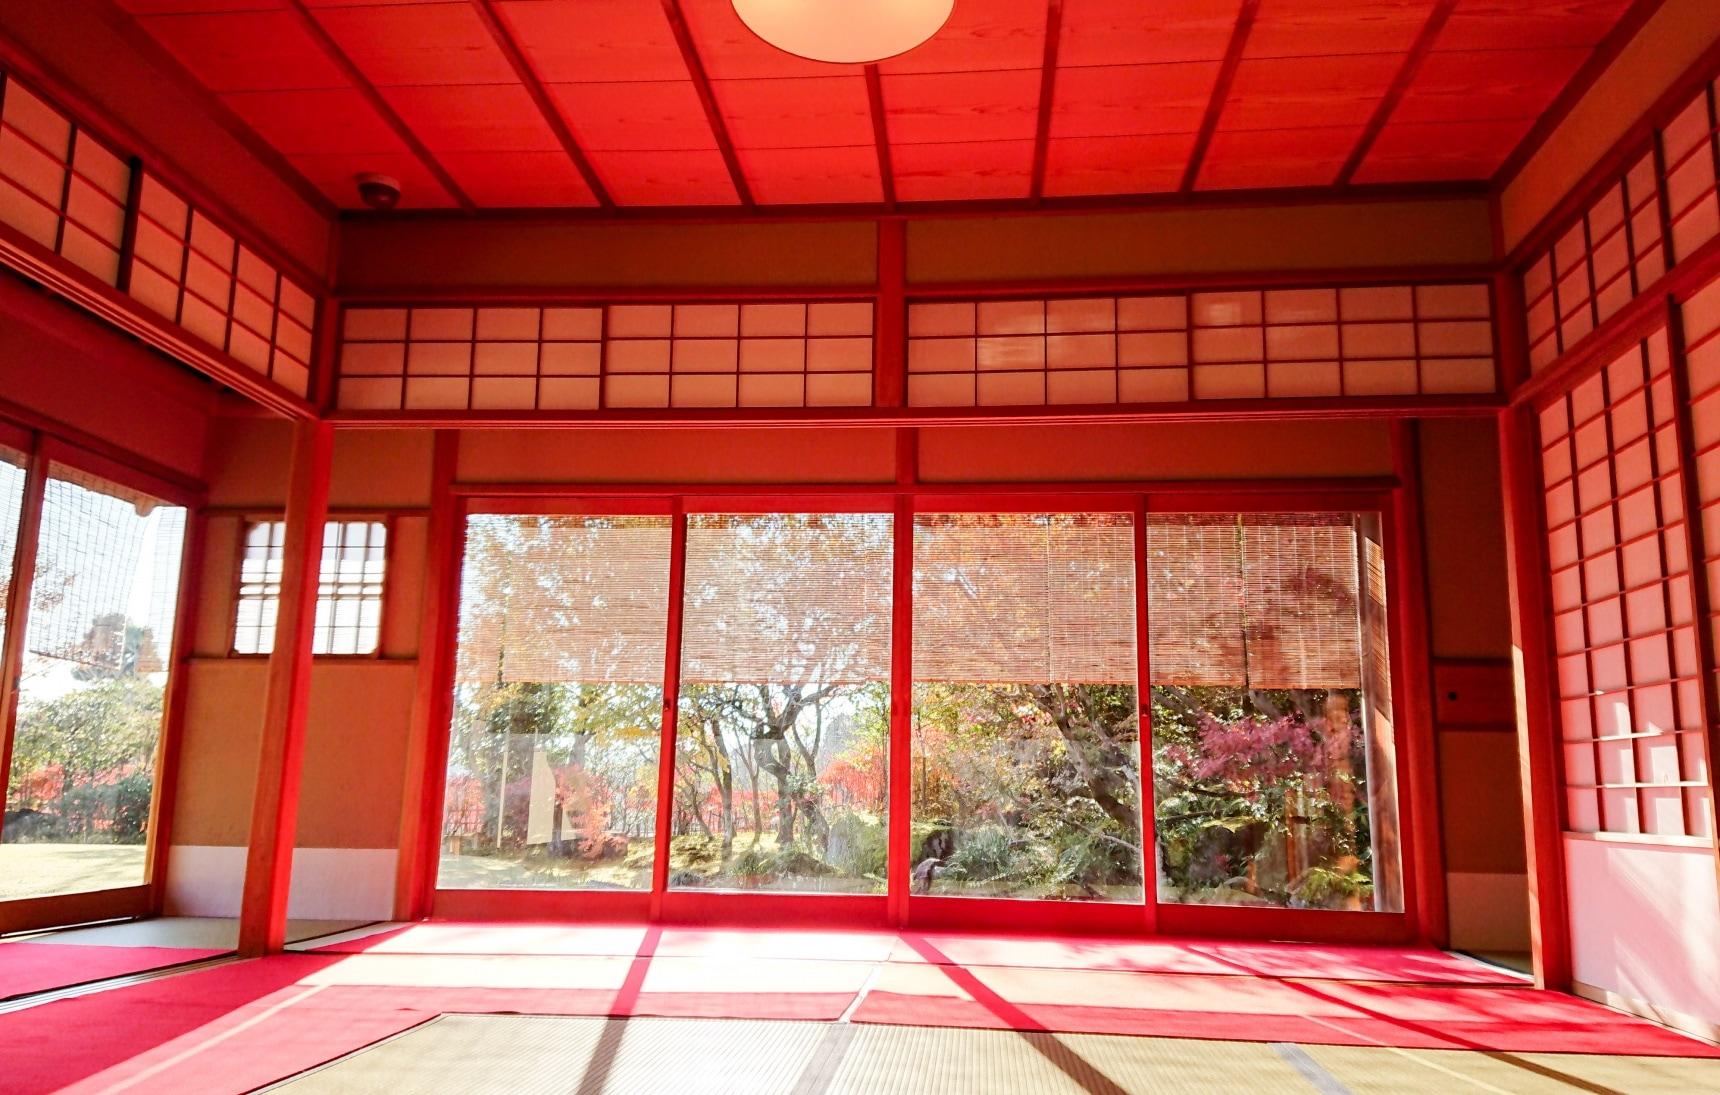 喝掛川茶品嘗烤鰻魚,眺望富士山漫步竹林小徑,初訪靜岡的推薦行程